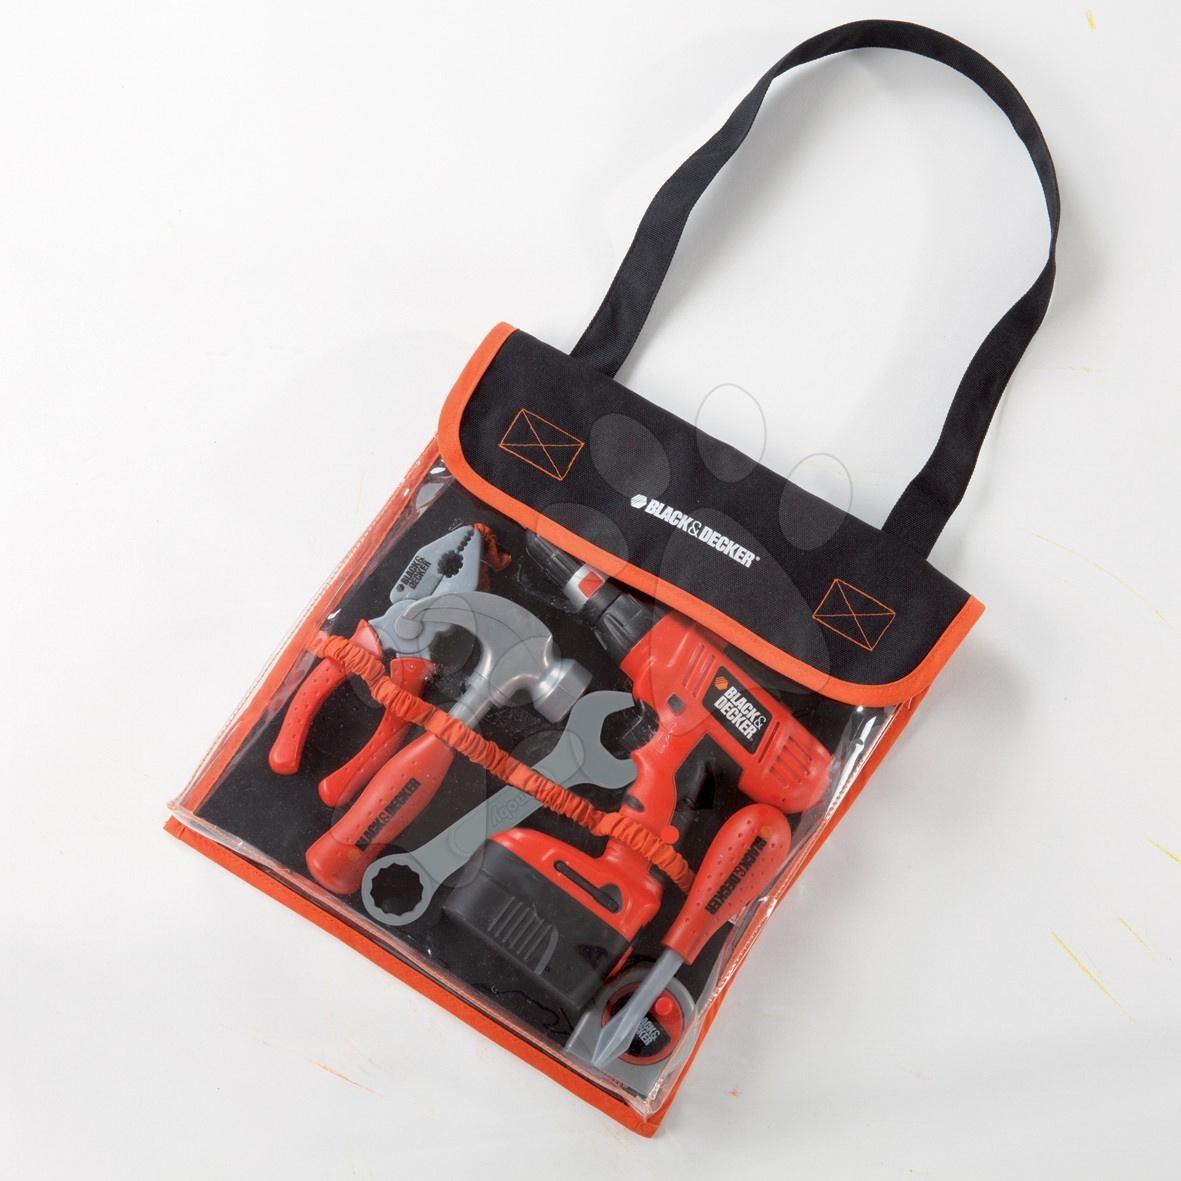 Dětská sada nářadí Black & Decker Smoby v tašce s mechanickou vrtačkou